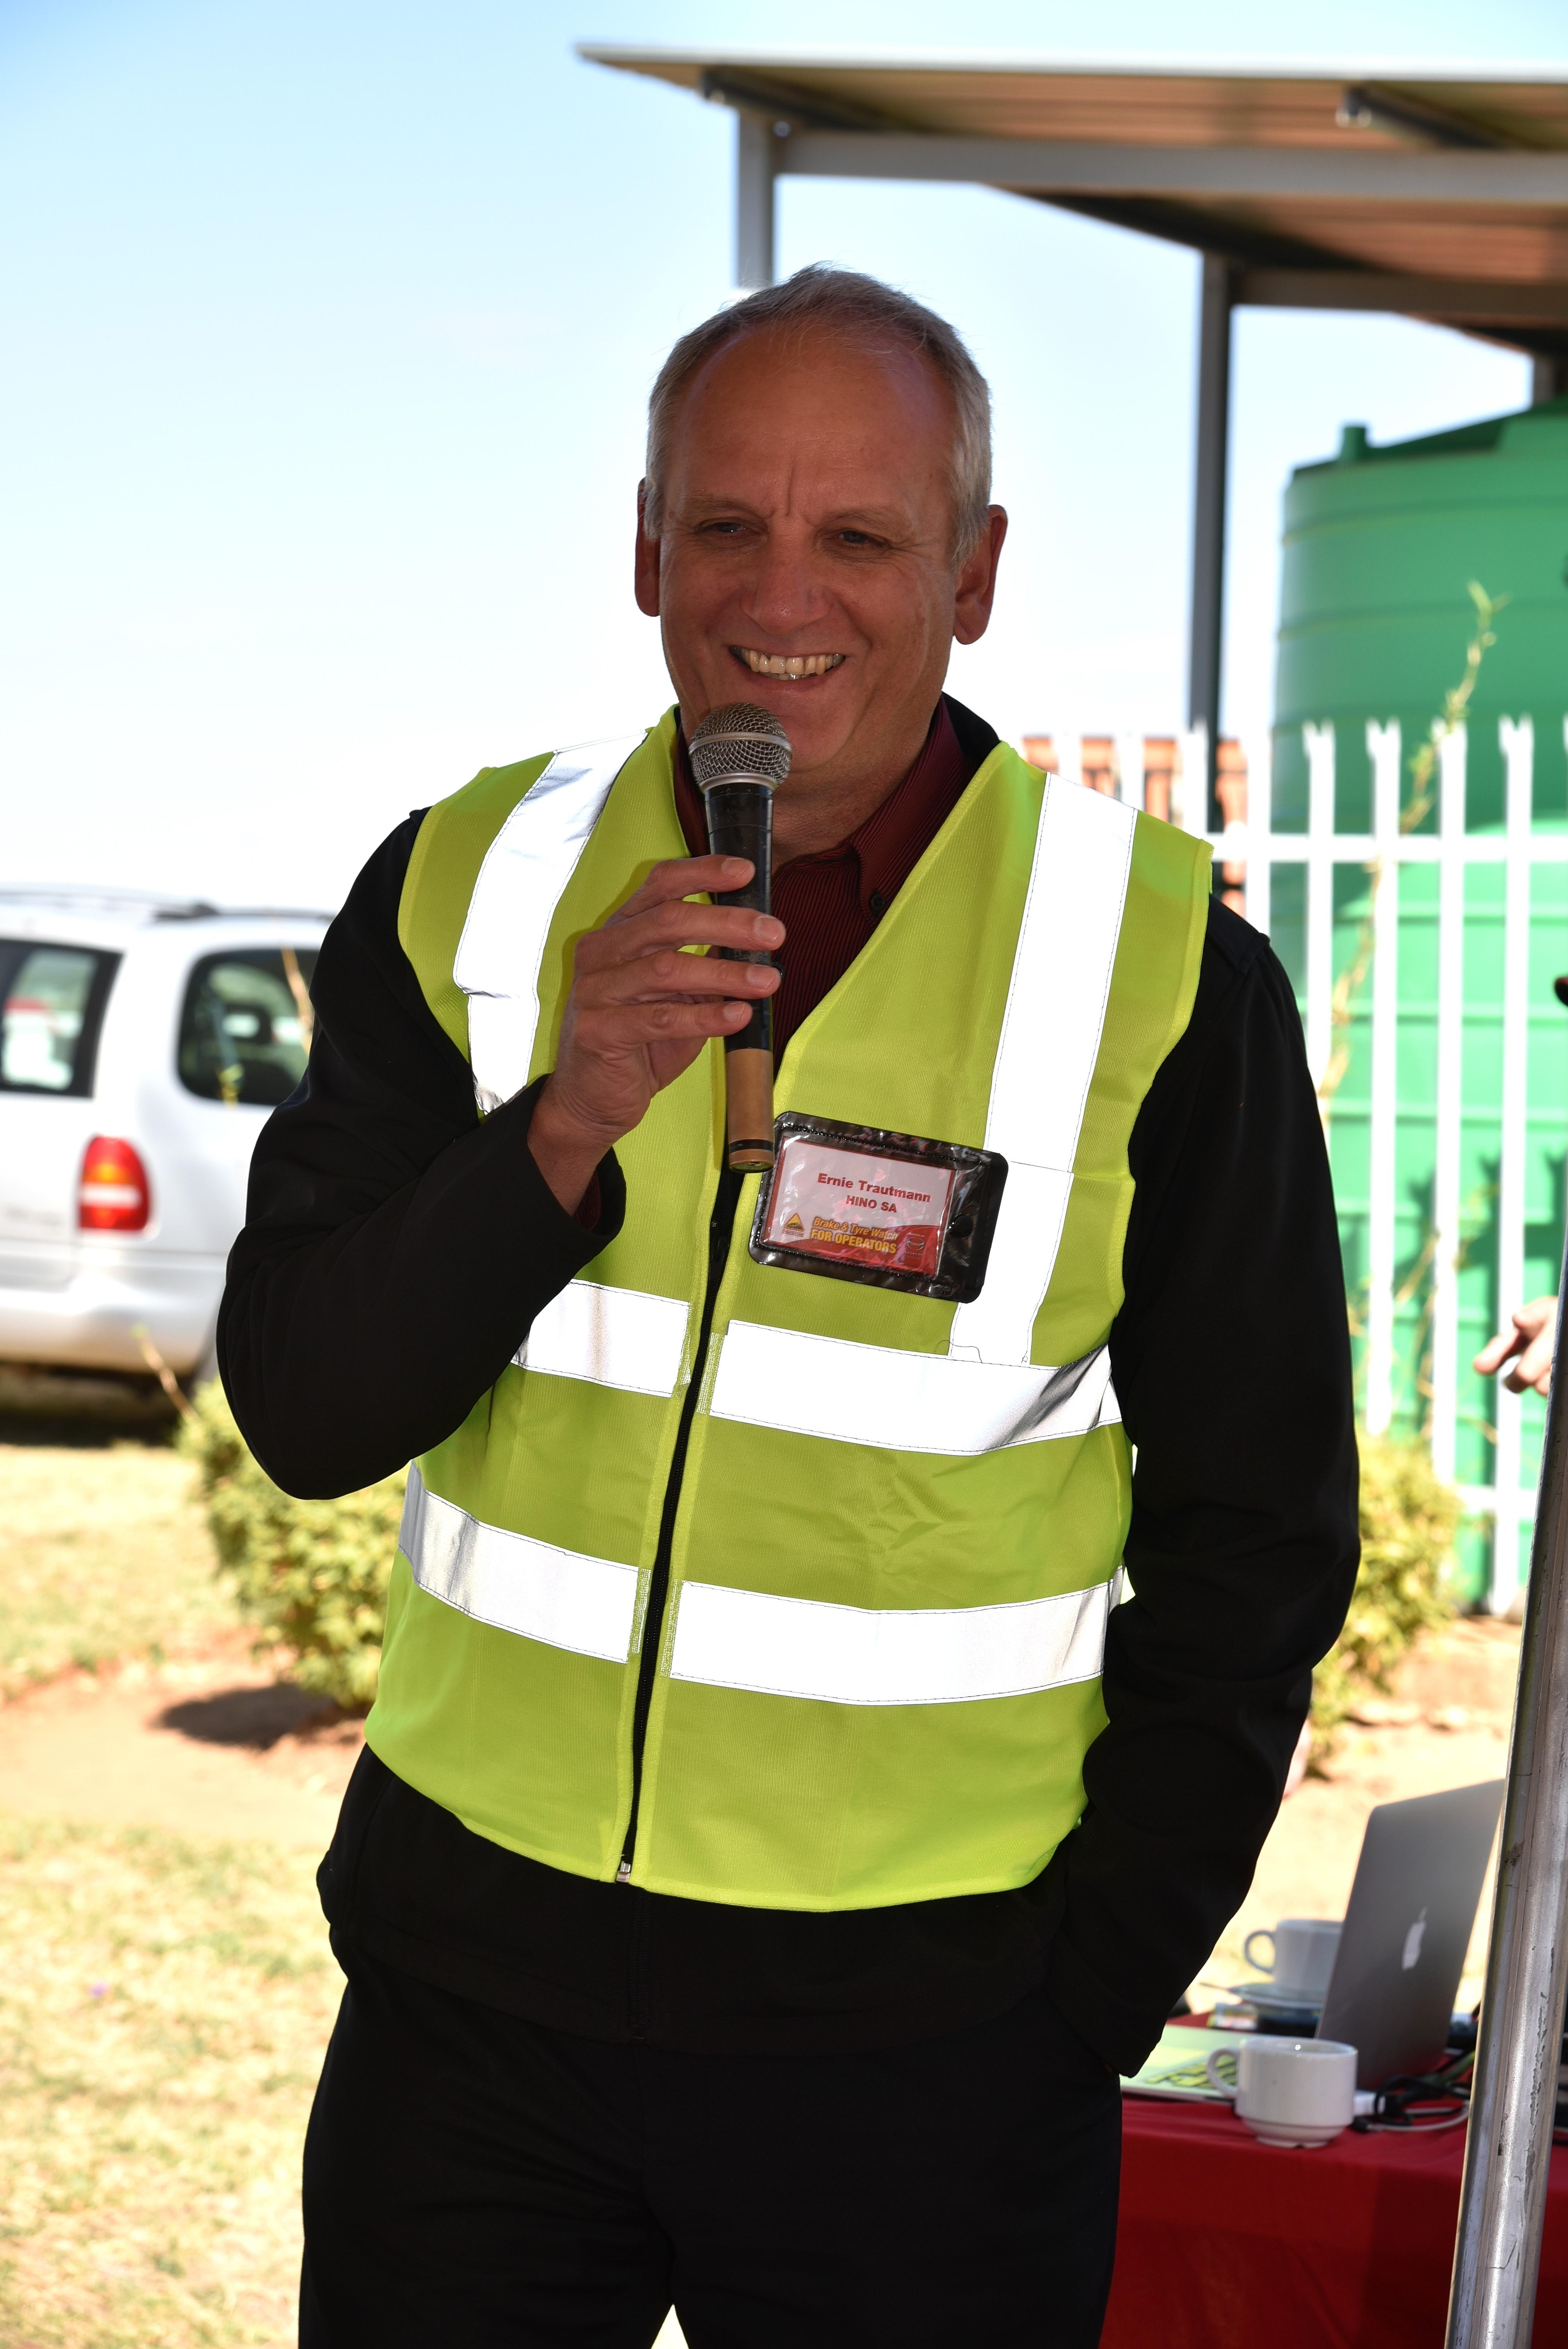 Ernie Trautmann, Hino SA - Vice President